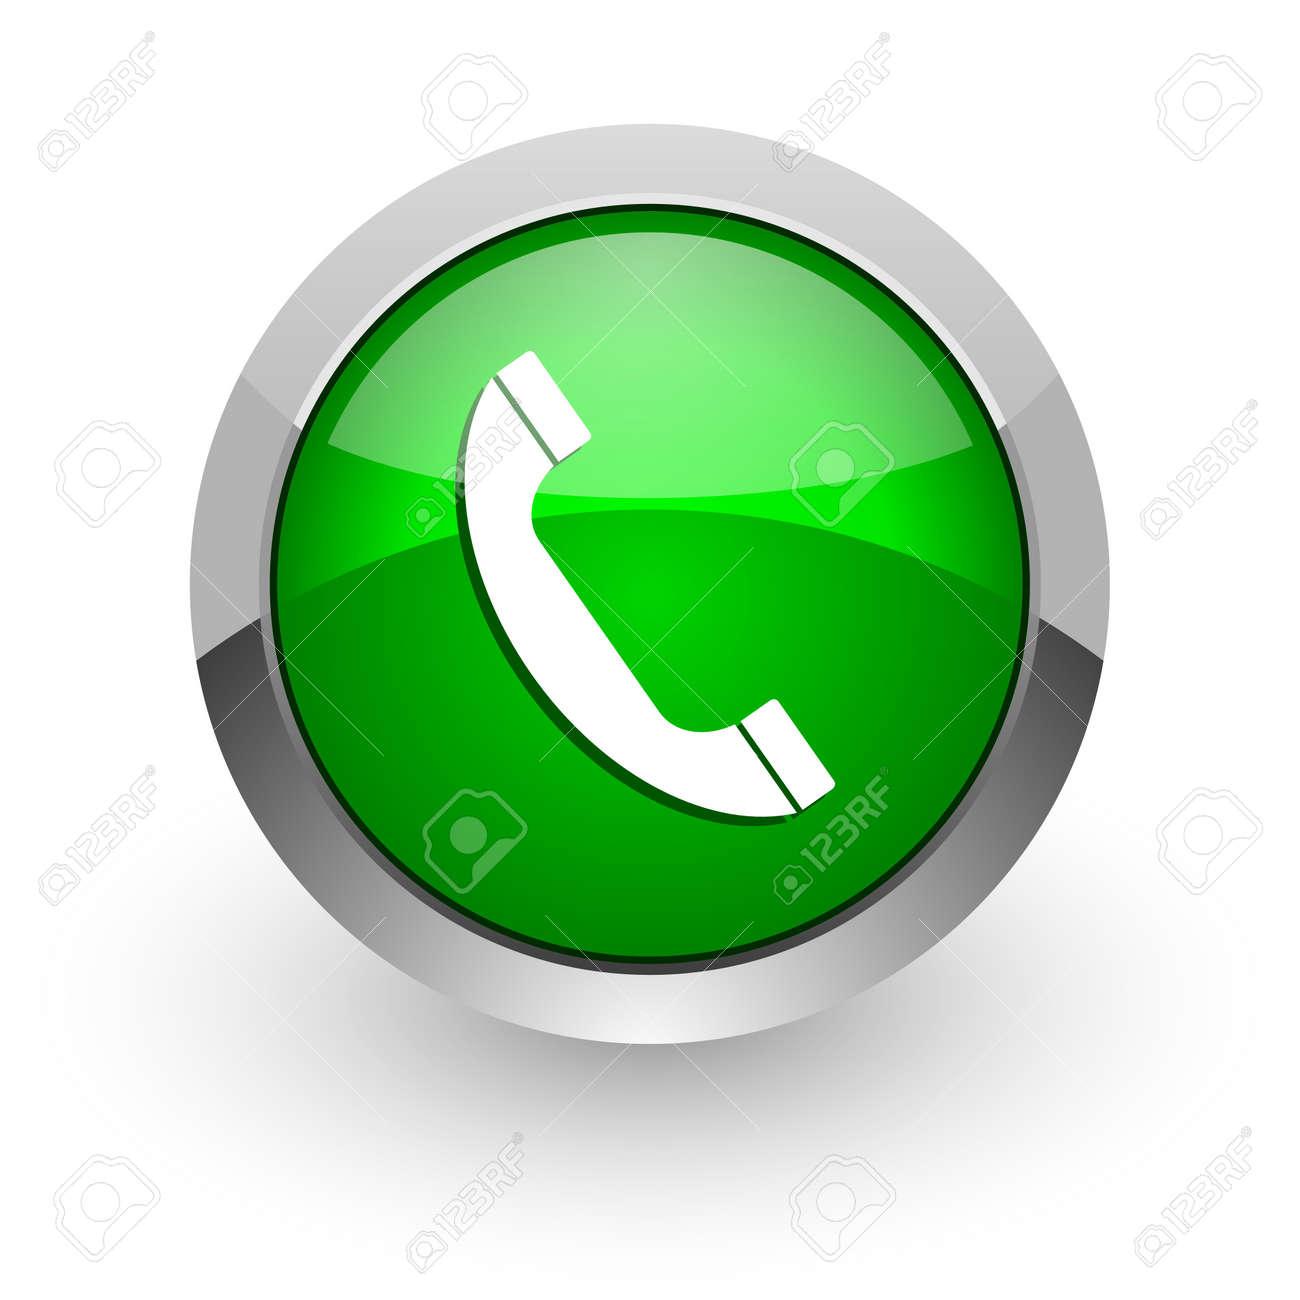 telephone icon Stock Photo - 14471594